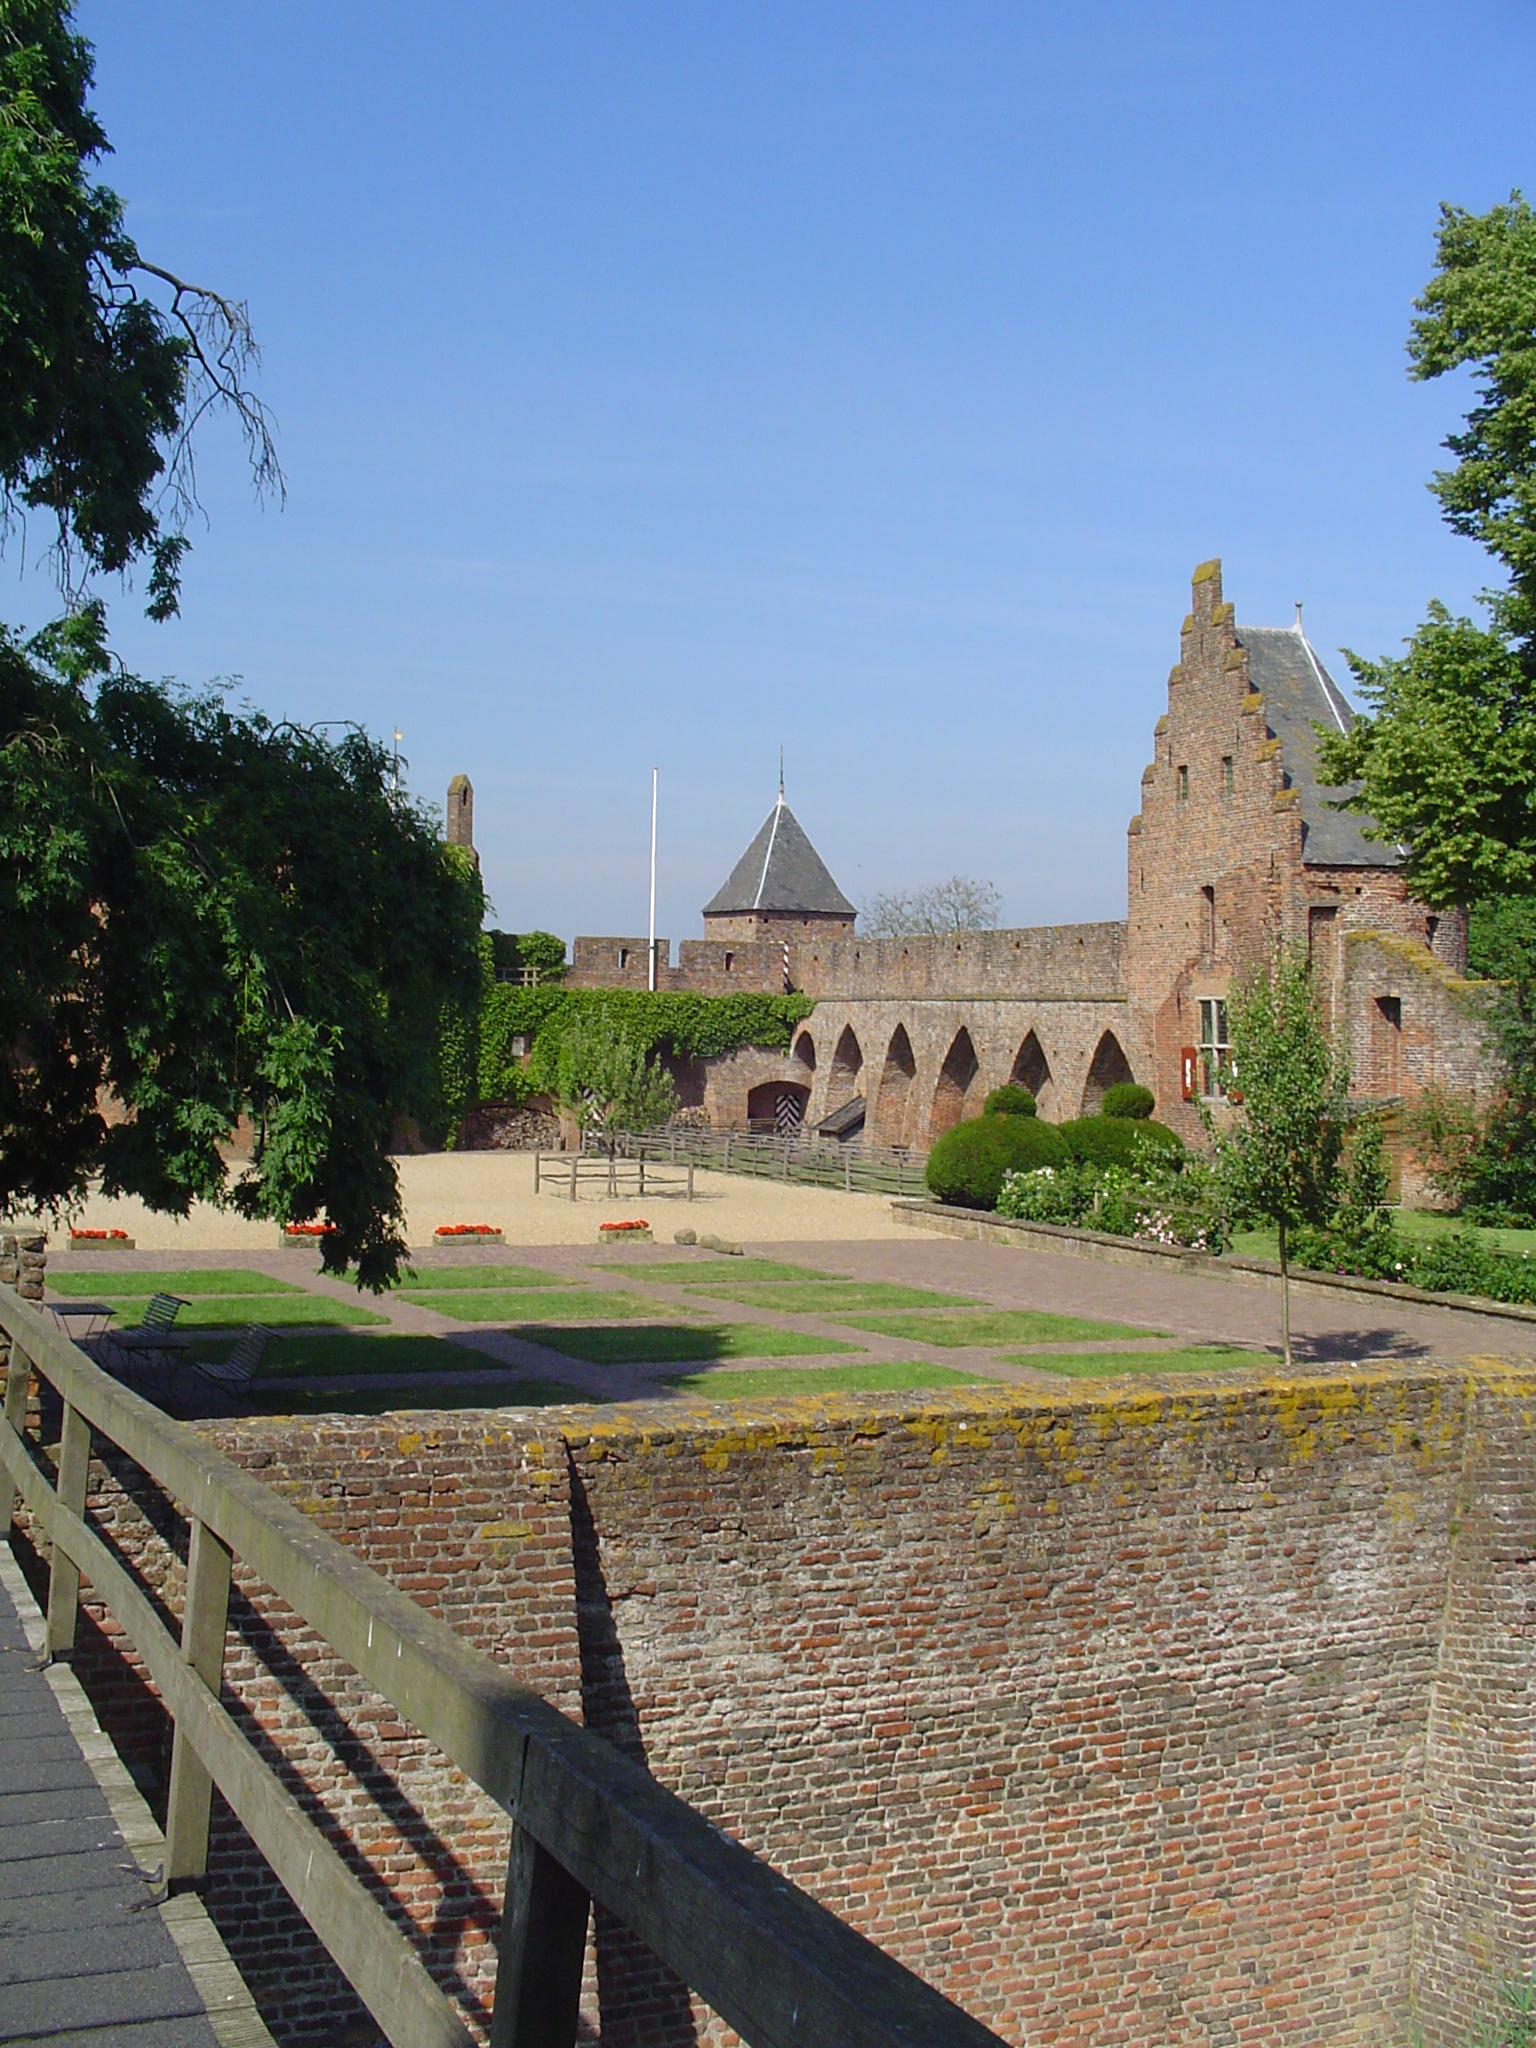 Kasteel Doornenburg in Angeren   Monument   Rijksmonumenten nl